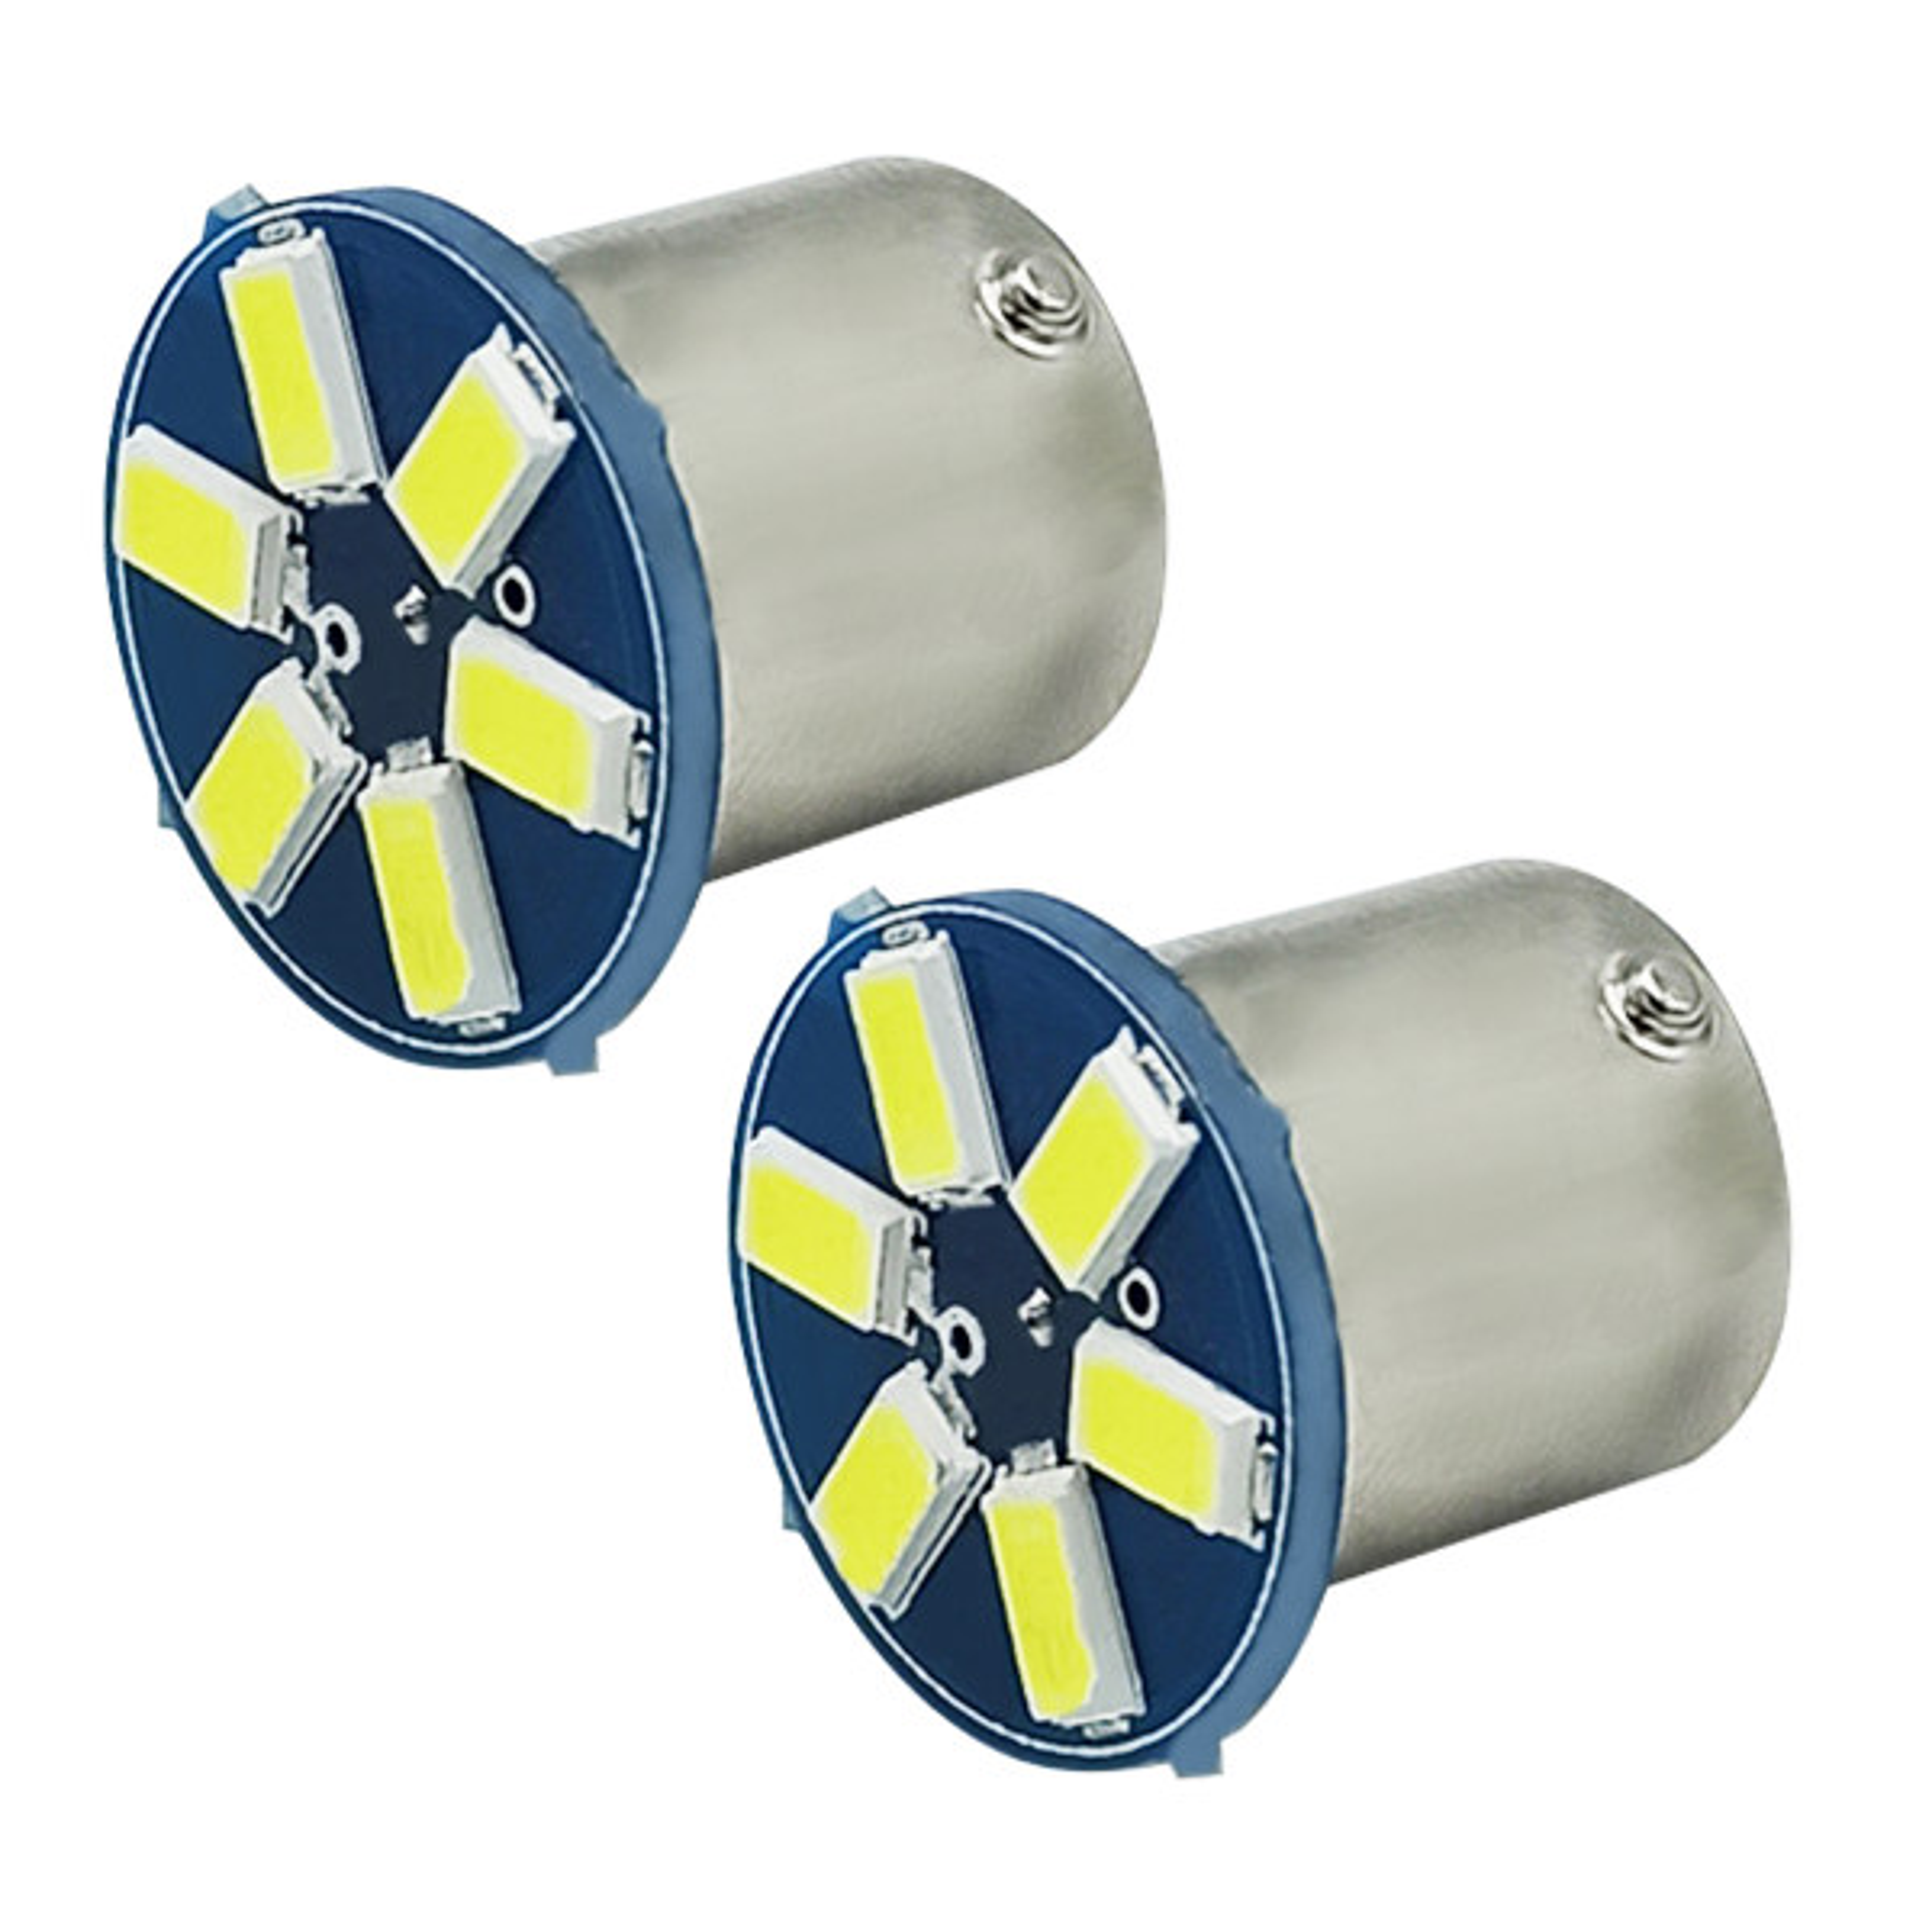 لامپ ال ای دی پارس تاب مدل S25 12V/1W بسته دو عددی